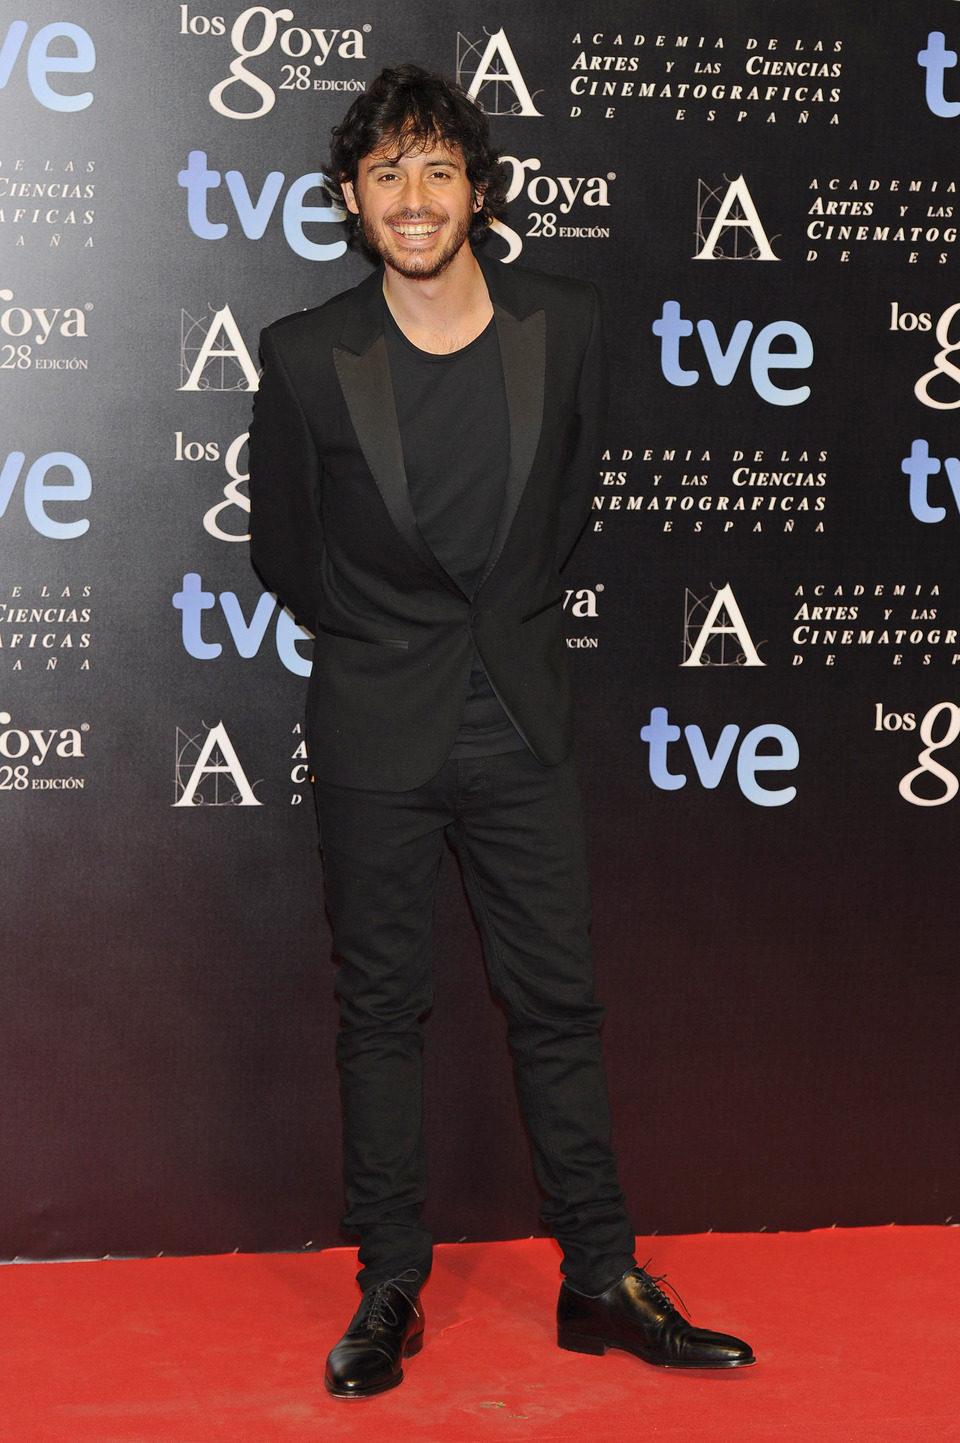 Javier Pereira en la alfombra roja de la fiesta de los nominados a los premios Goya 2014